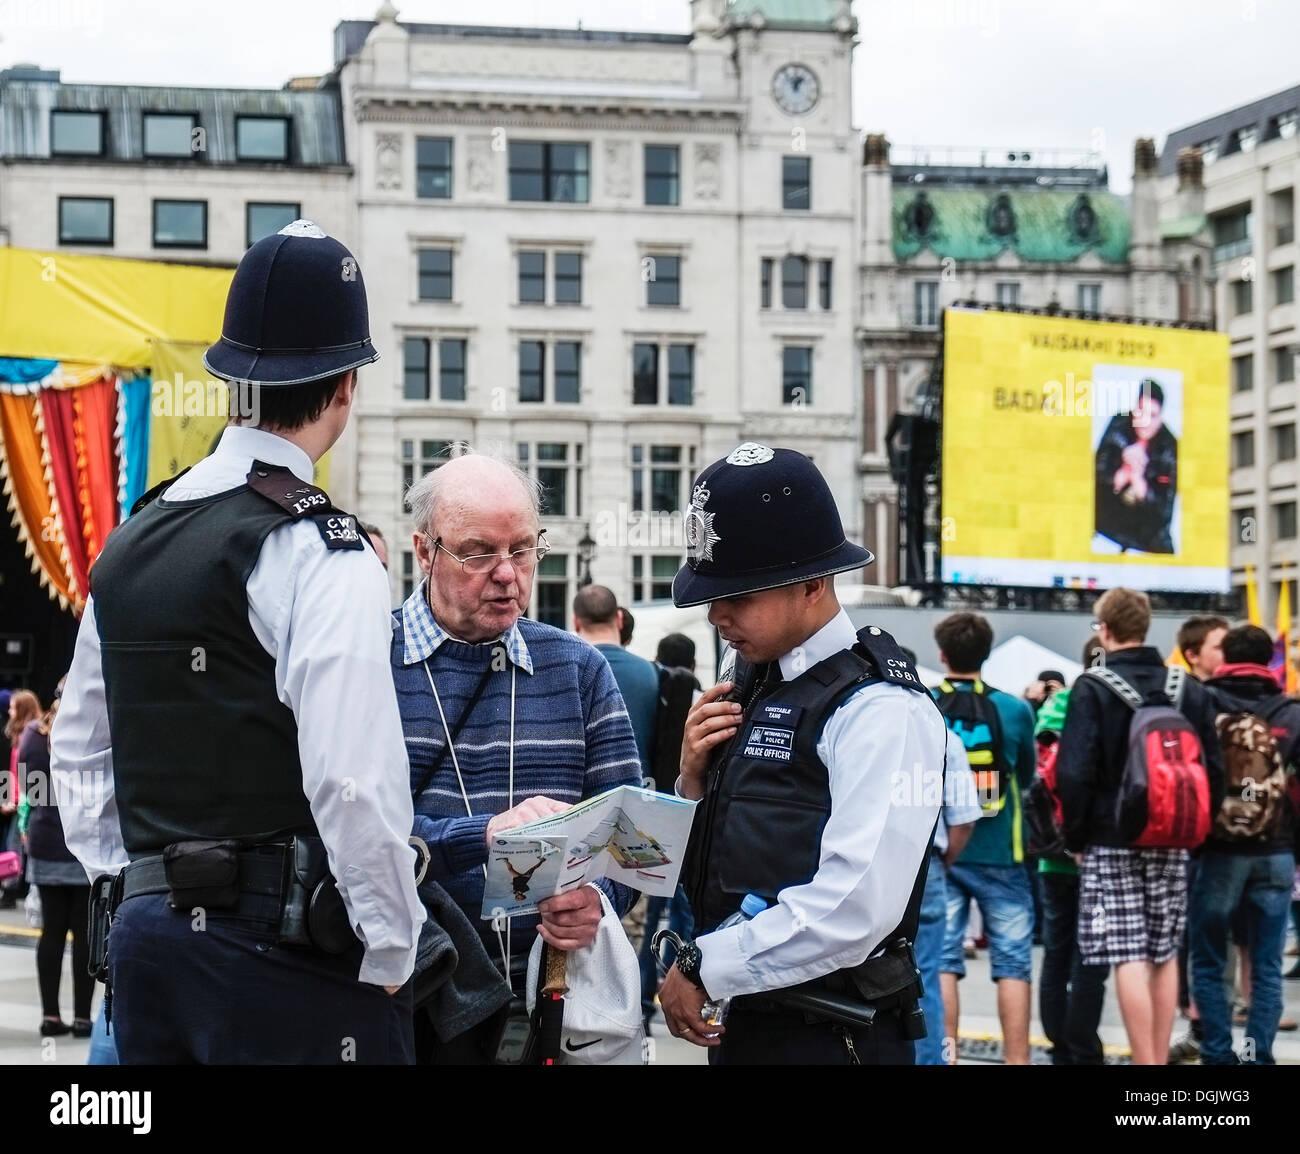 Zwei Metropolitan Polizisten ein Tourist zu helfen. Stockbild